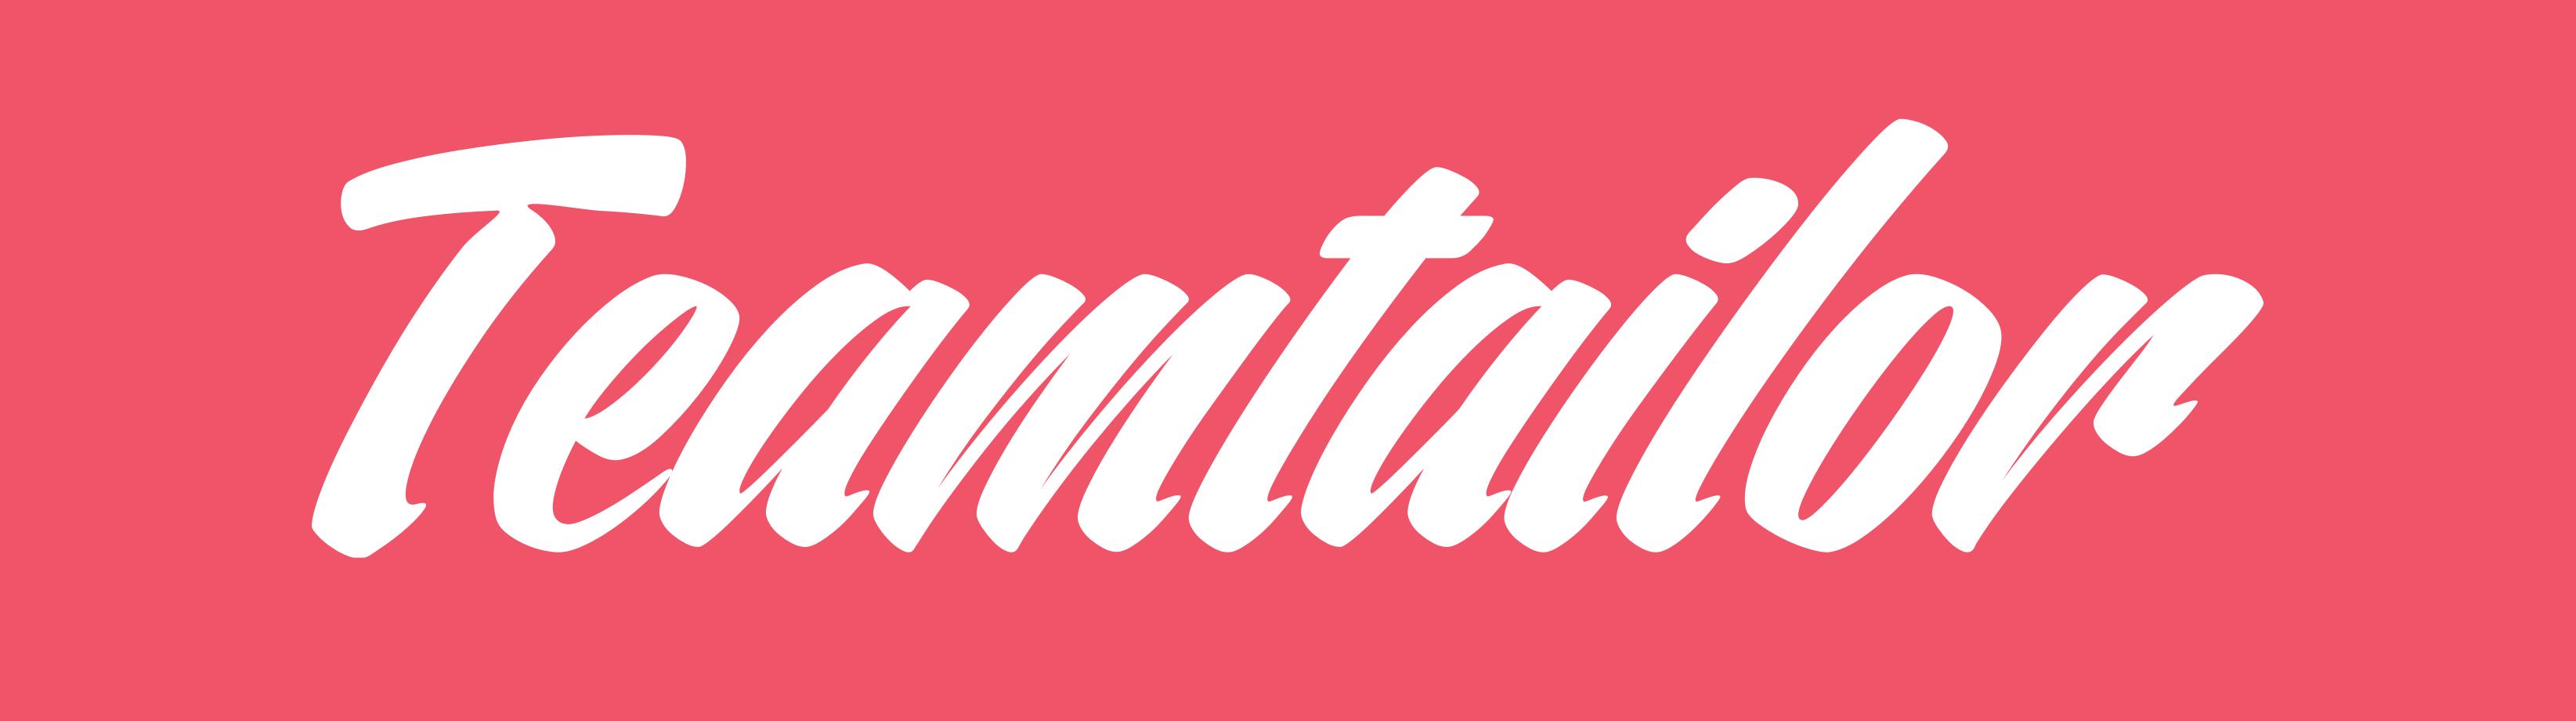 Teamtailor Blog